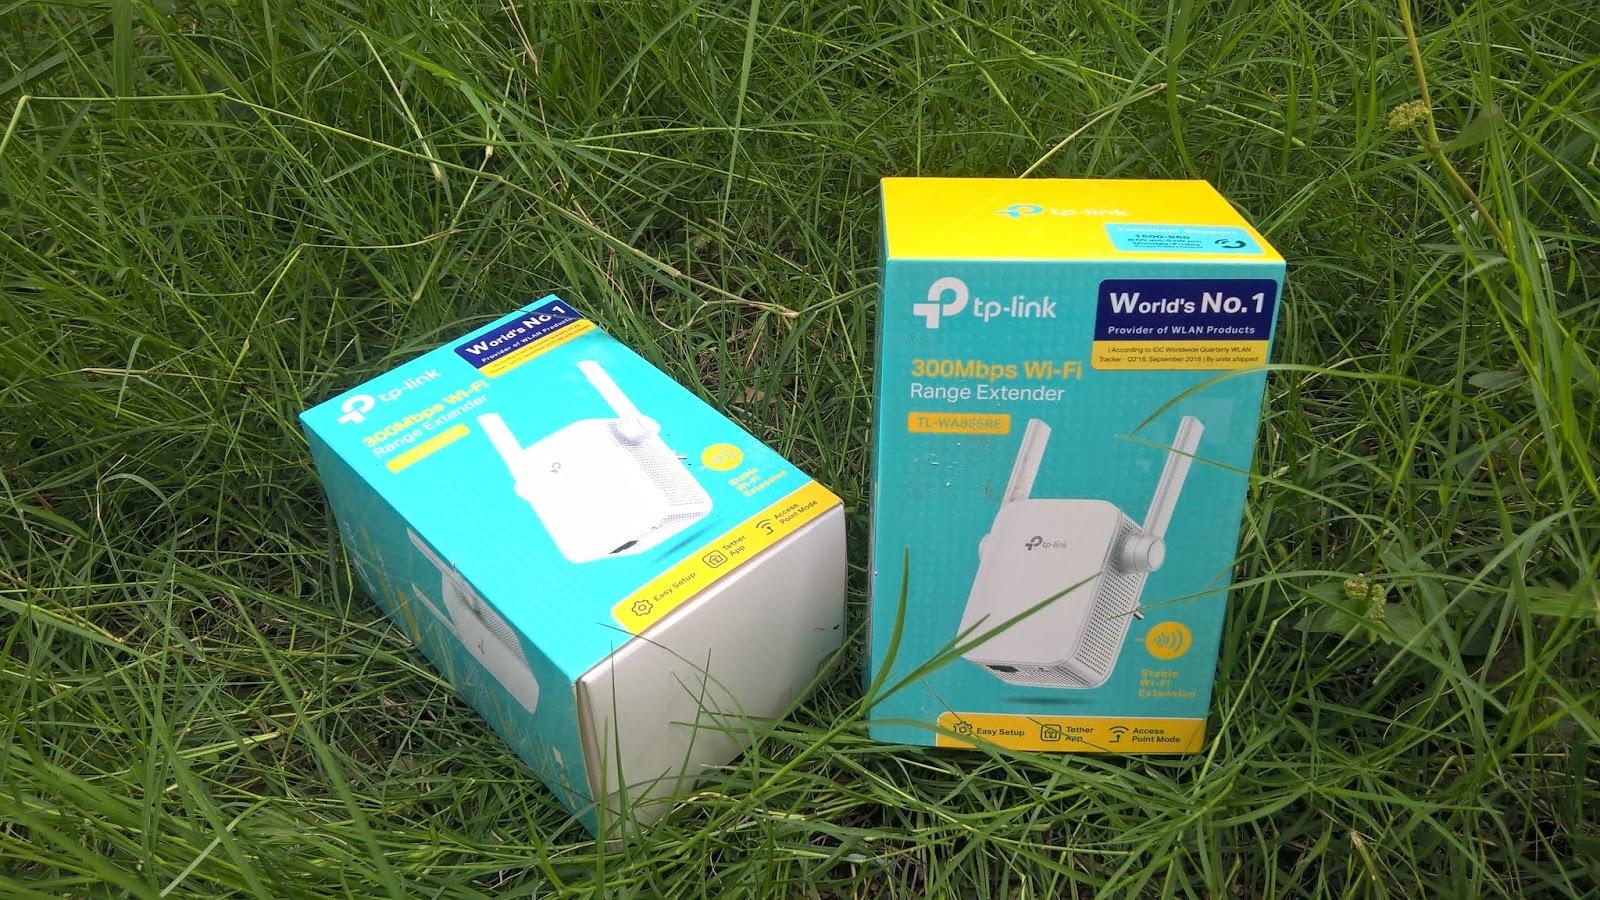 Cara Setting Tp-Link Wifi Range Extender dengan Mudah dan ...